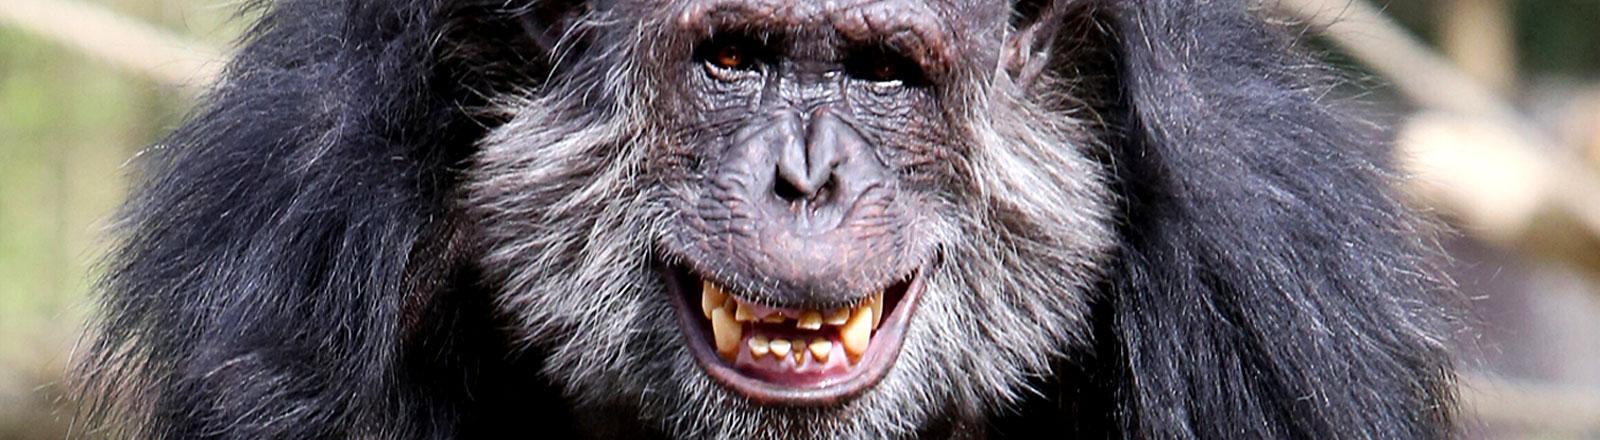 Ein alter Schimpanse zeigt seine Zähne